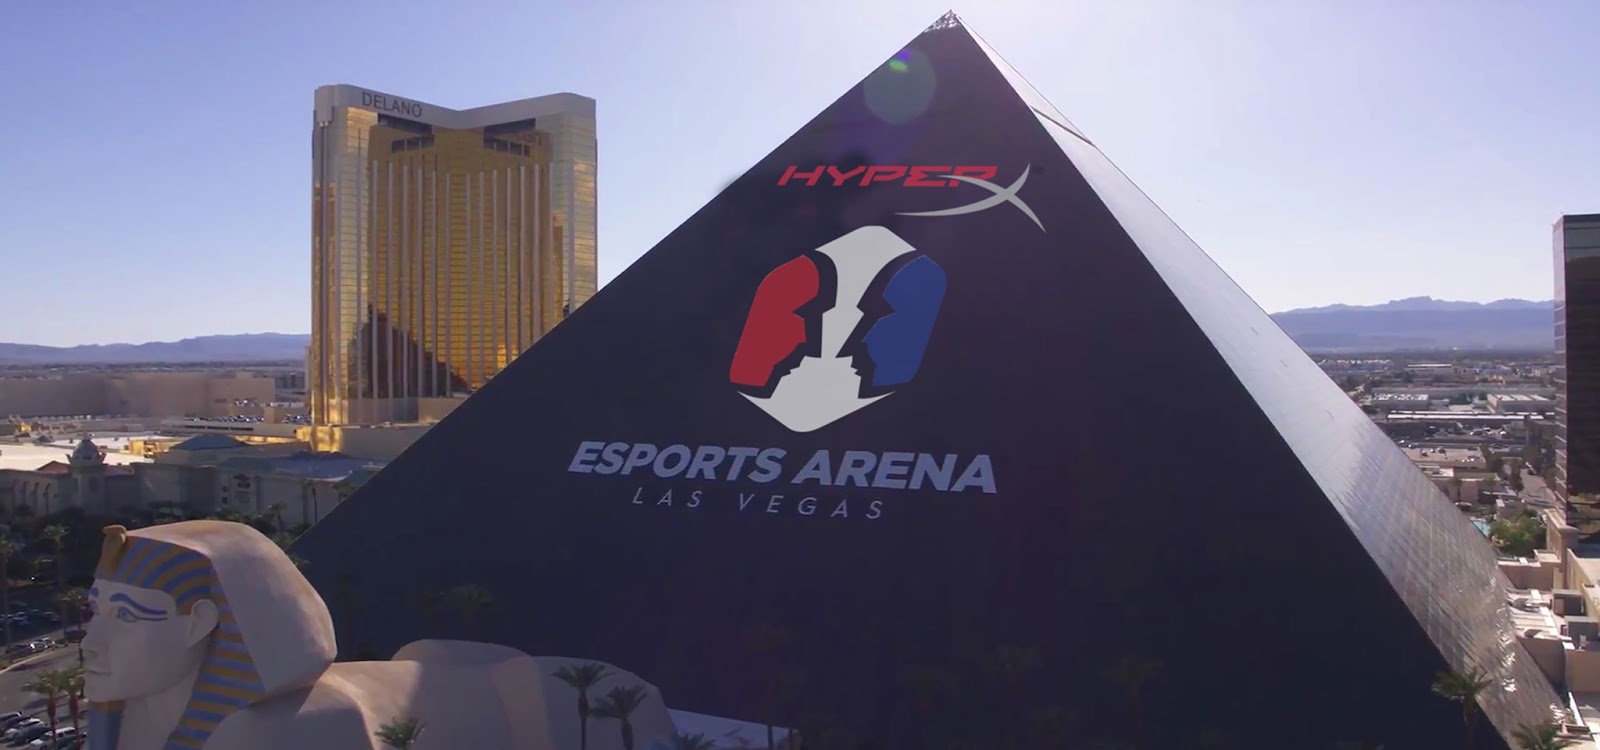 Amerika HyperX Esports Arena Las Vegas